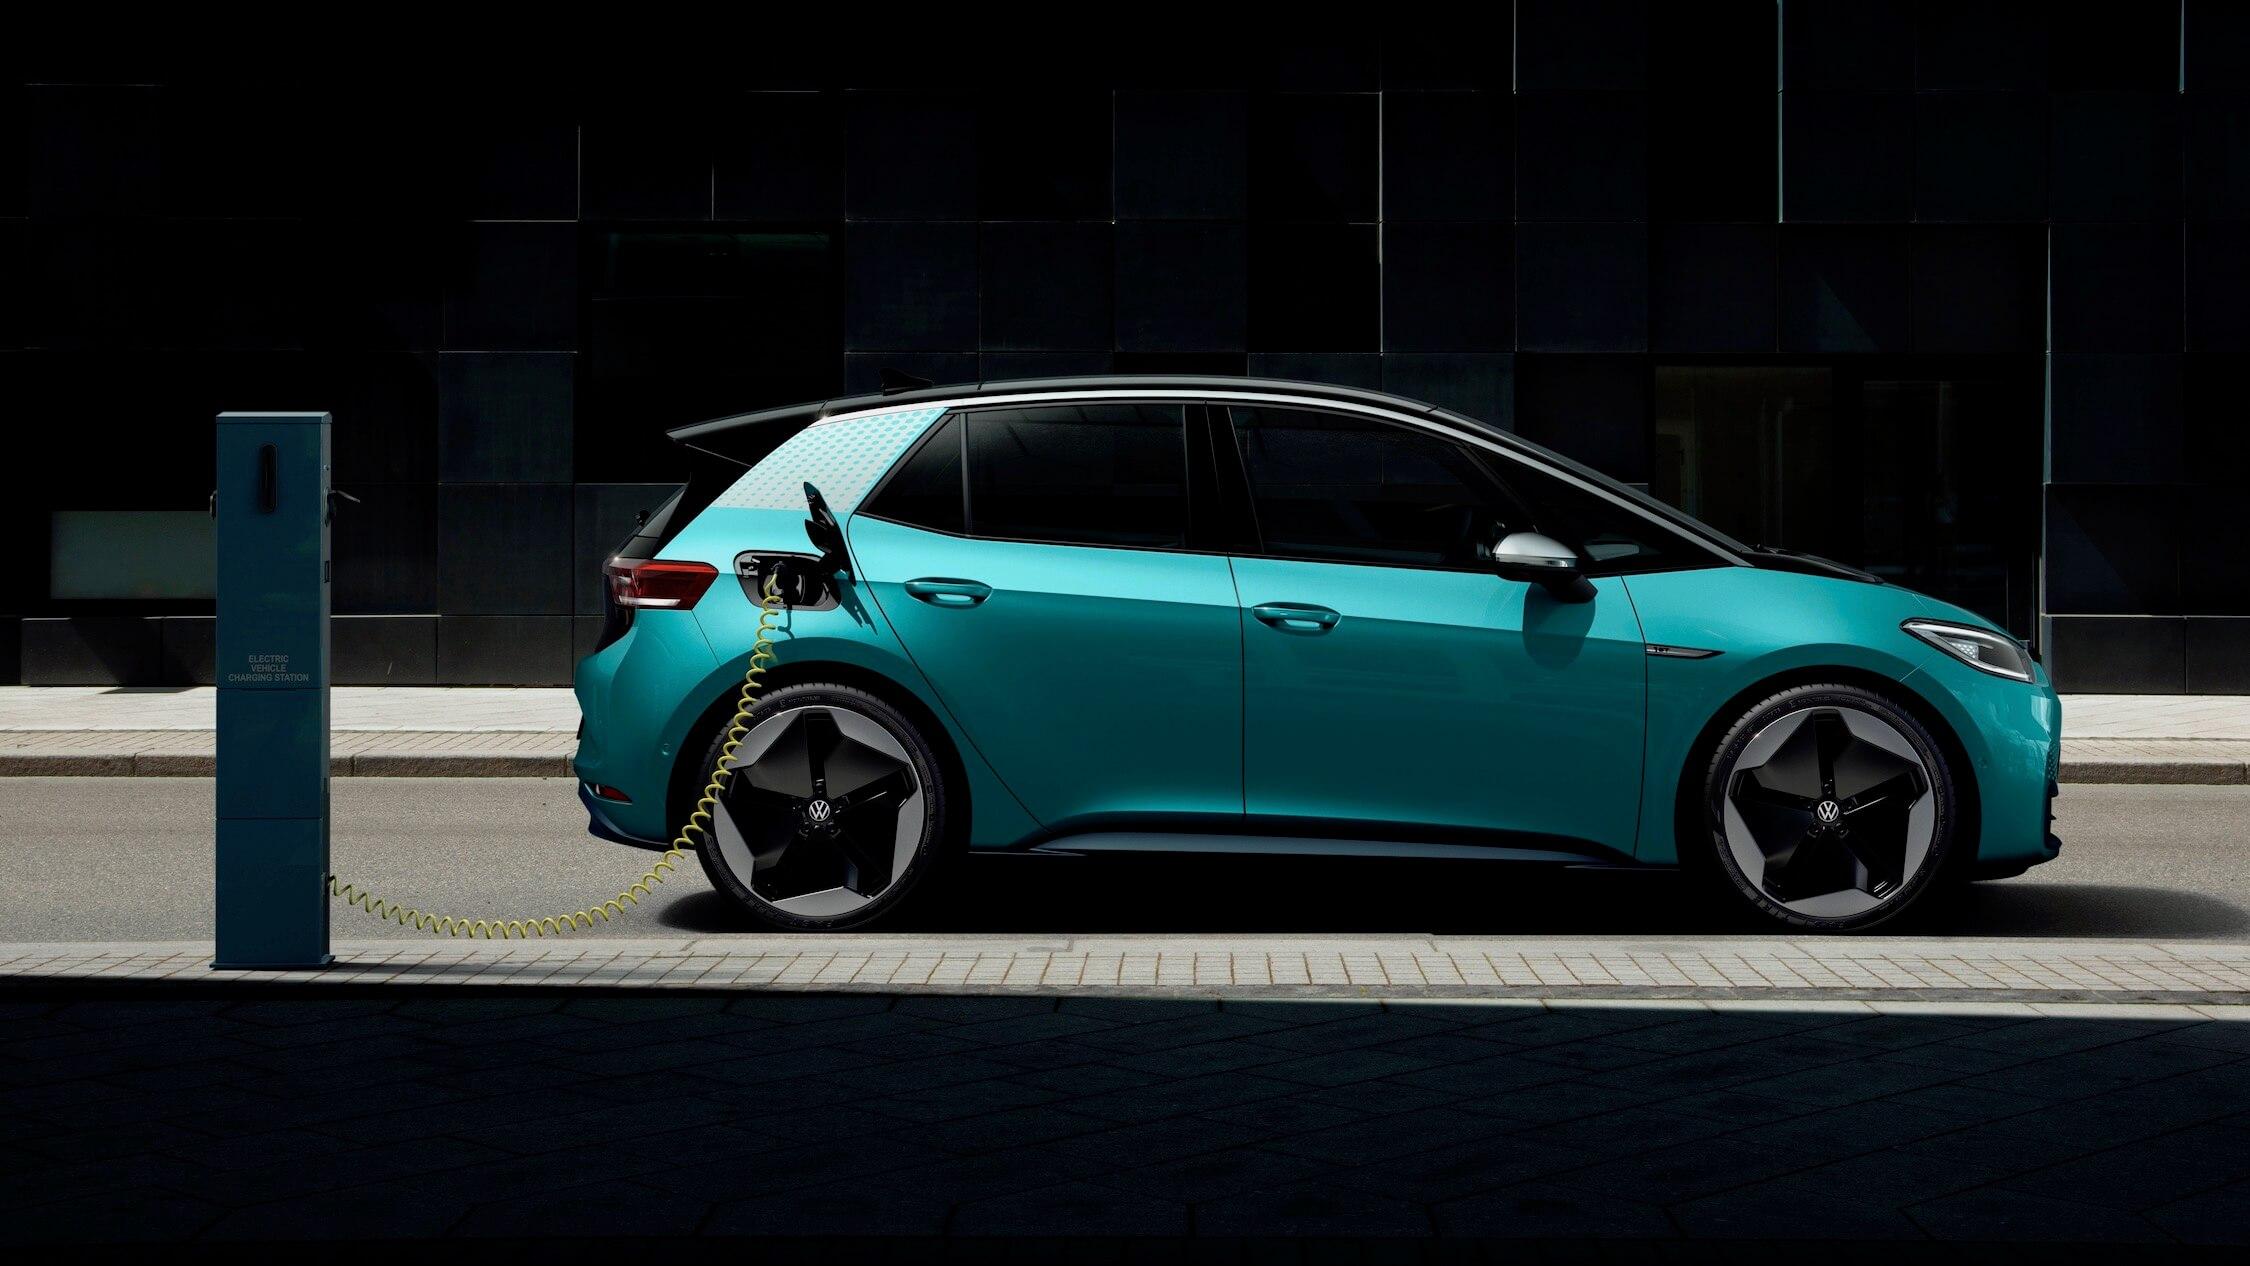 laadpaal voor elektrische Volkswagen ID 3